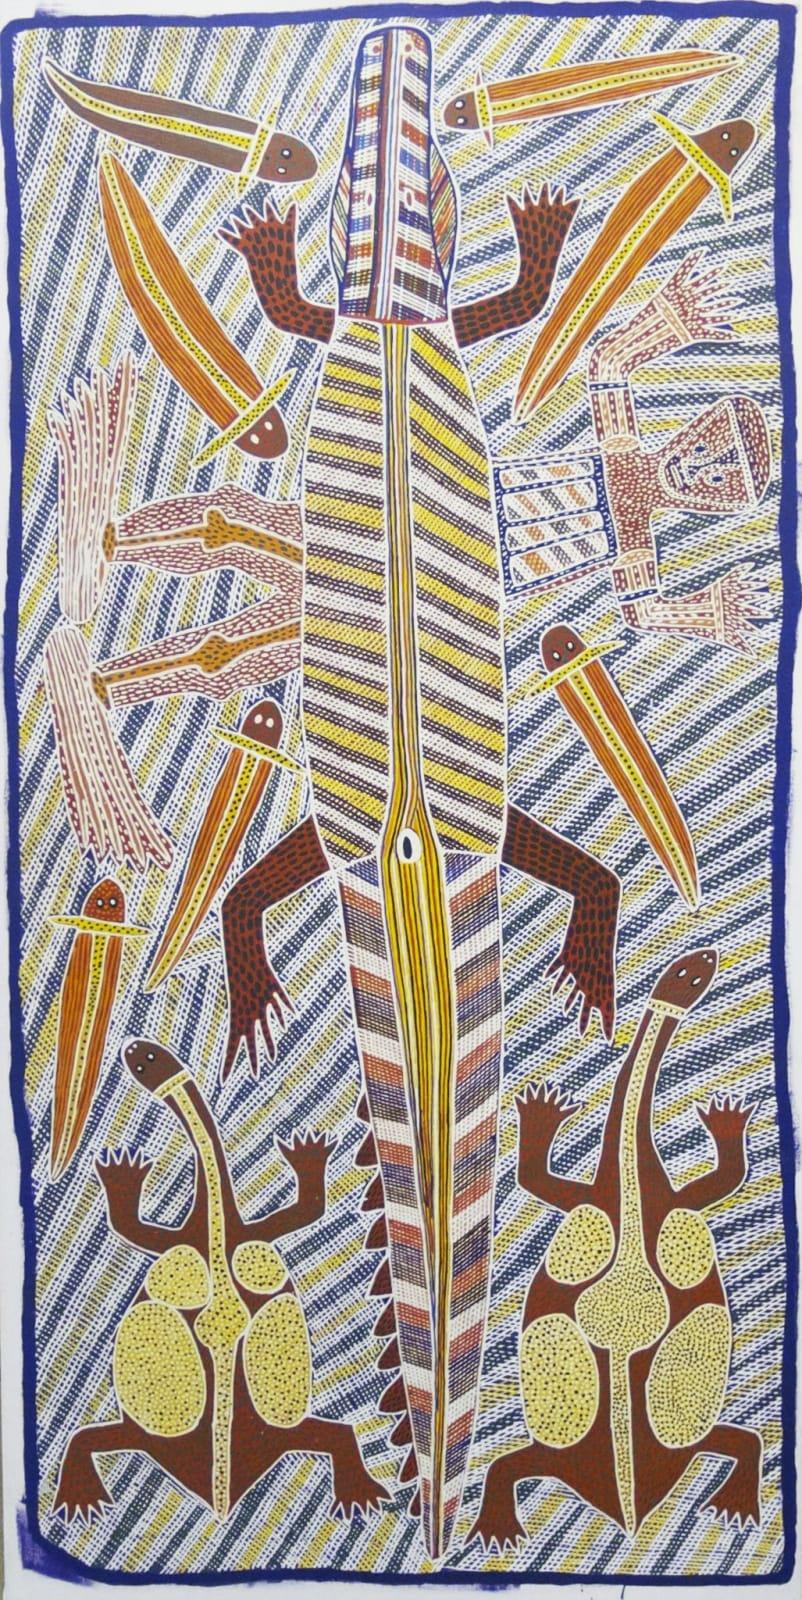 Sambo Barra Barra, Crocodile Story, 1994